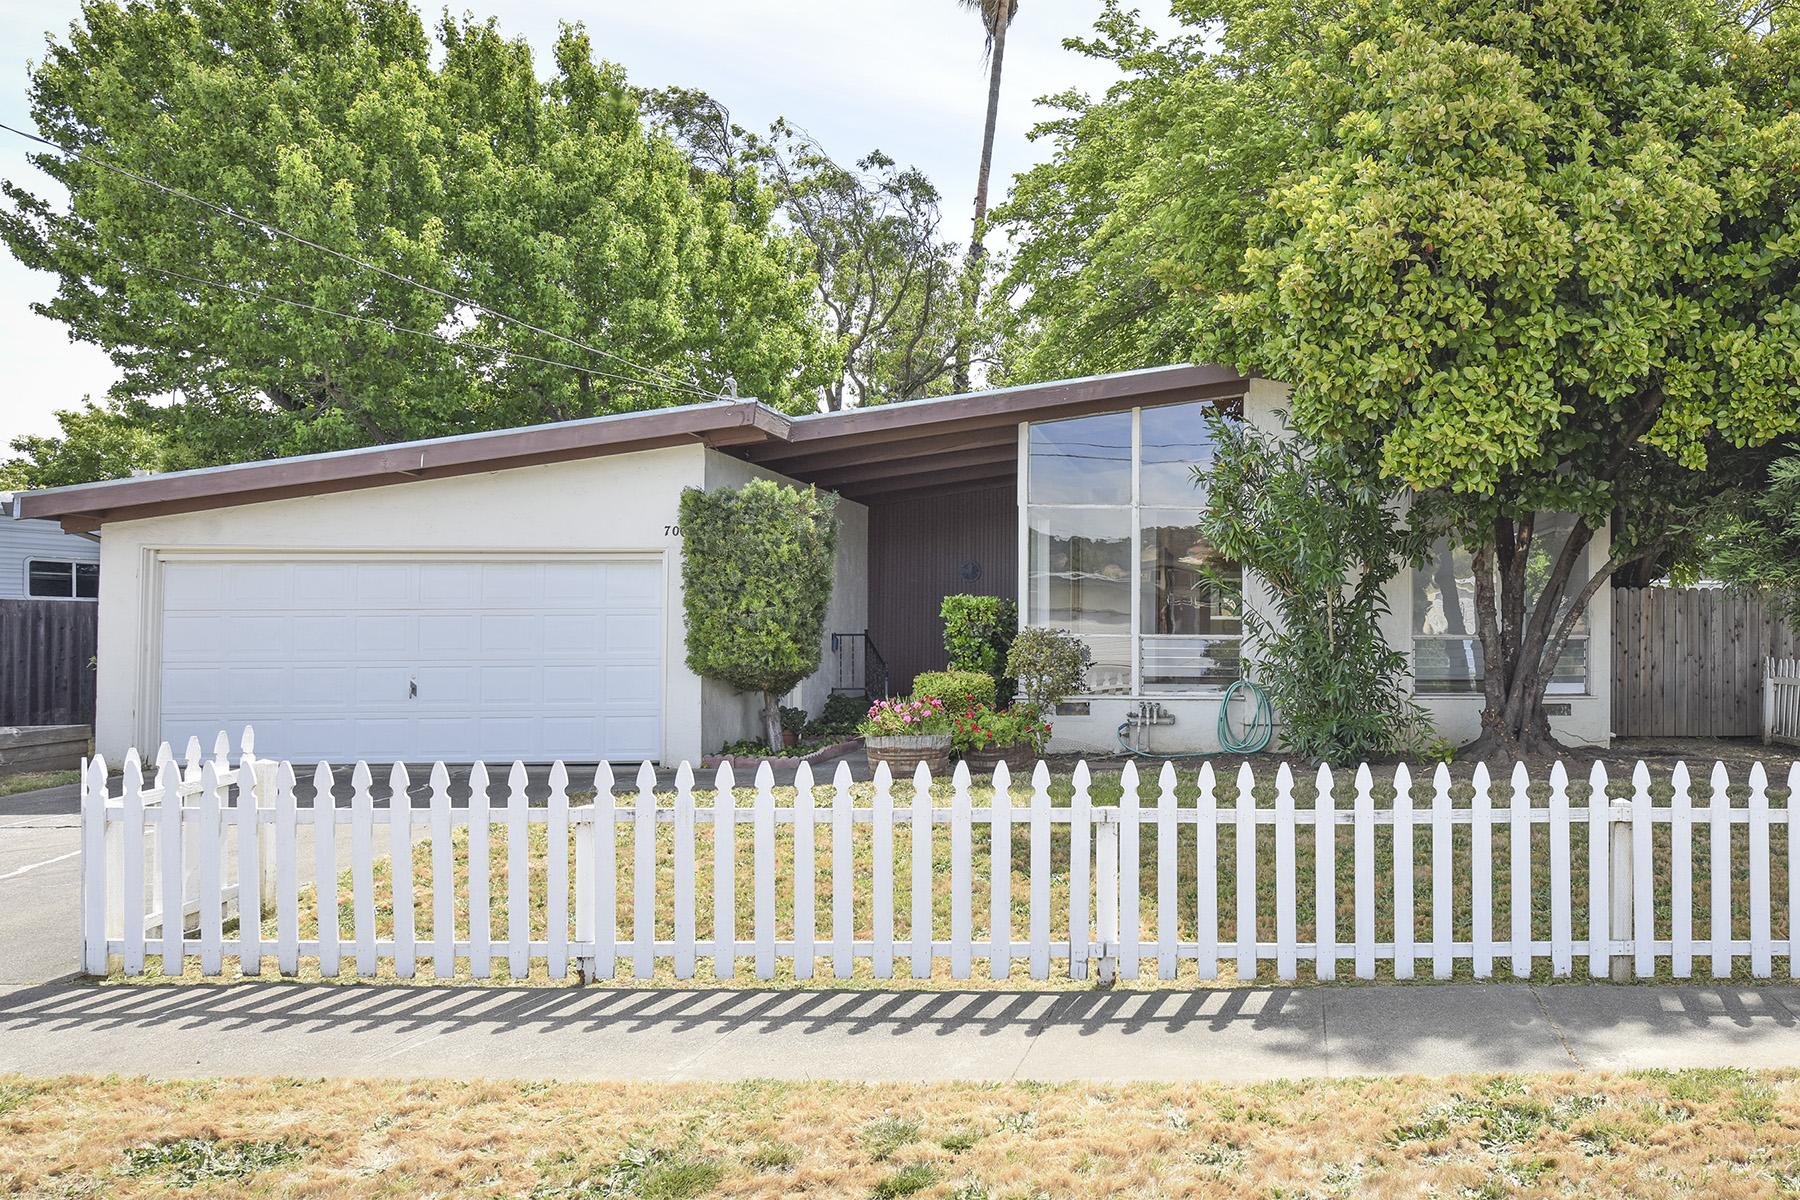 Nhà ở một gia đình vì Bán tại 706 S Minahen St, Napa, CA 94559 Napa, California, 94559 Hoa Kỳ